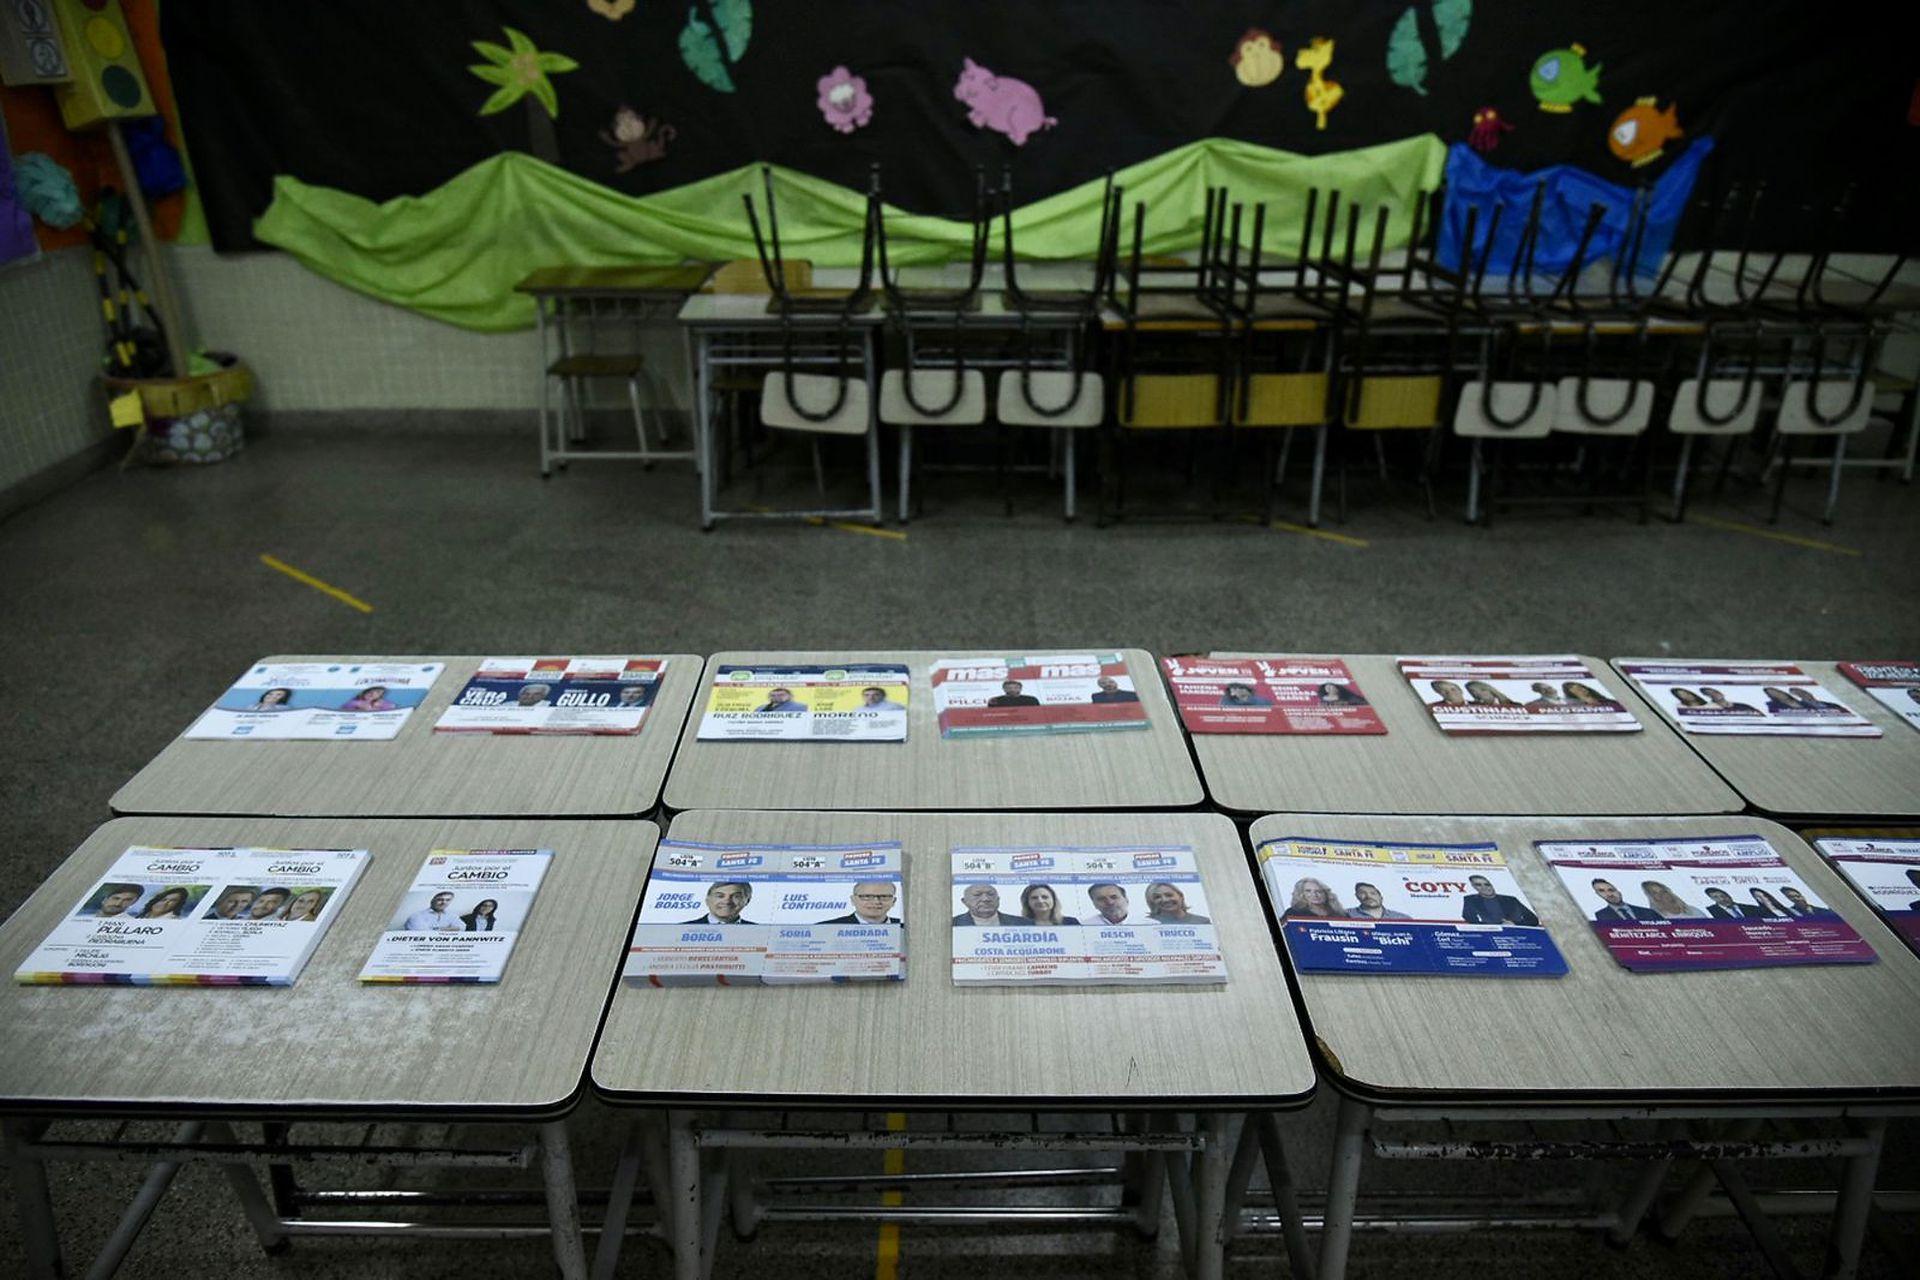 Boletas para votar en Instituto de la sagrada familia en Rosario